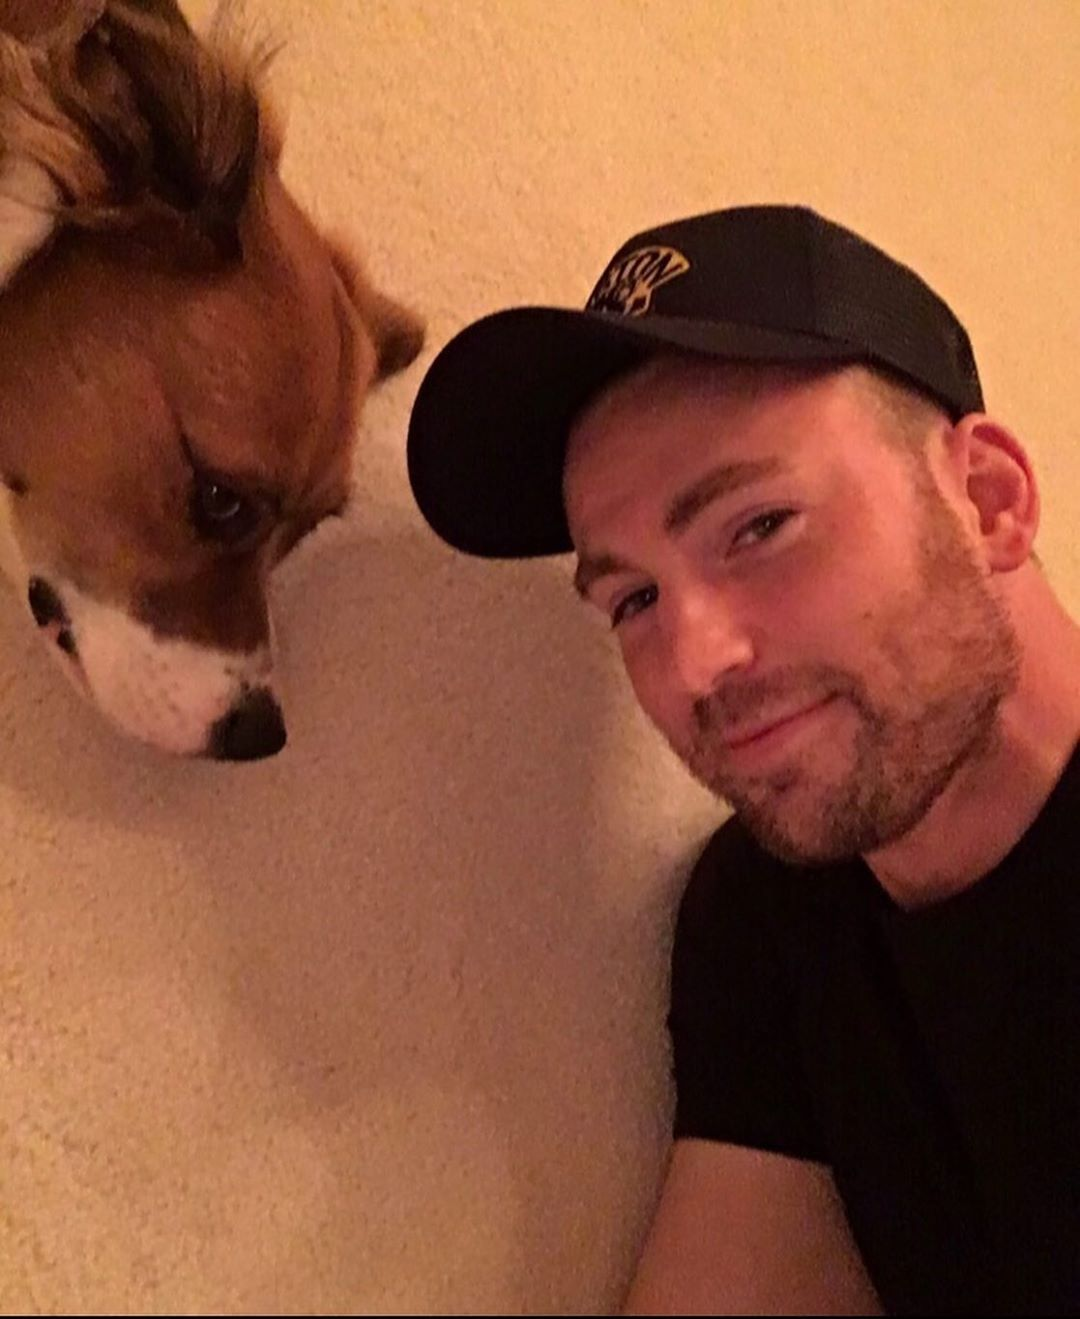 Chris Evans Yanlışlıkla Cinsel Organının Fotoğrafını Yayınladı - 2